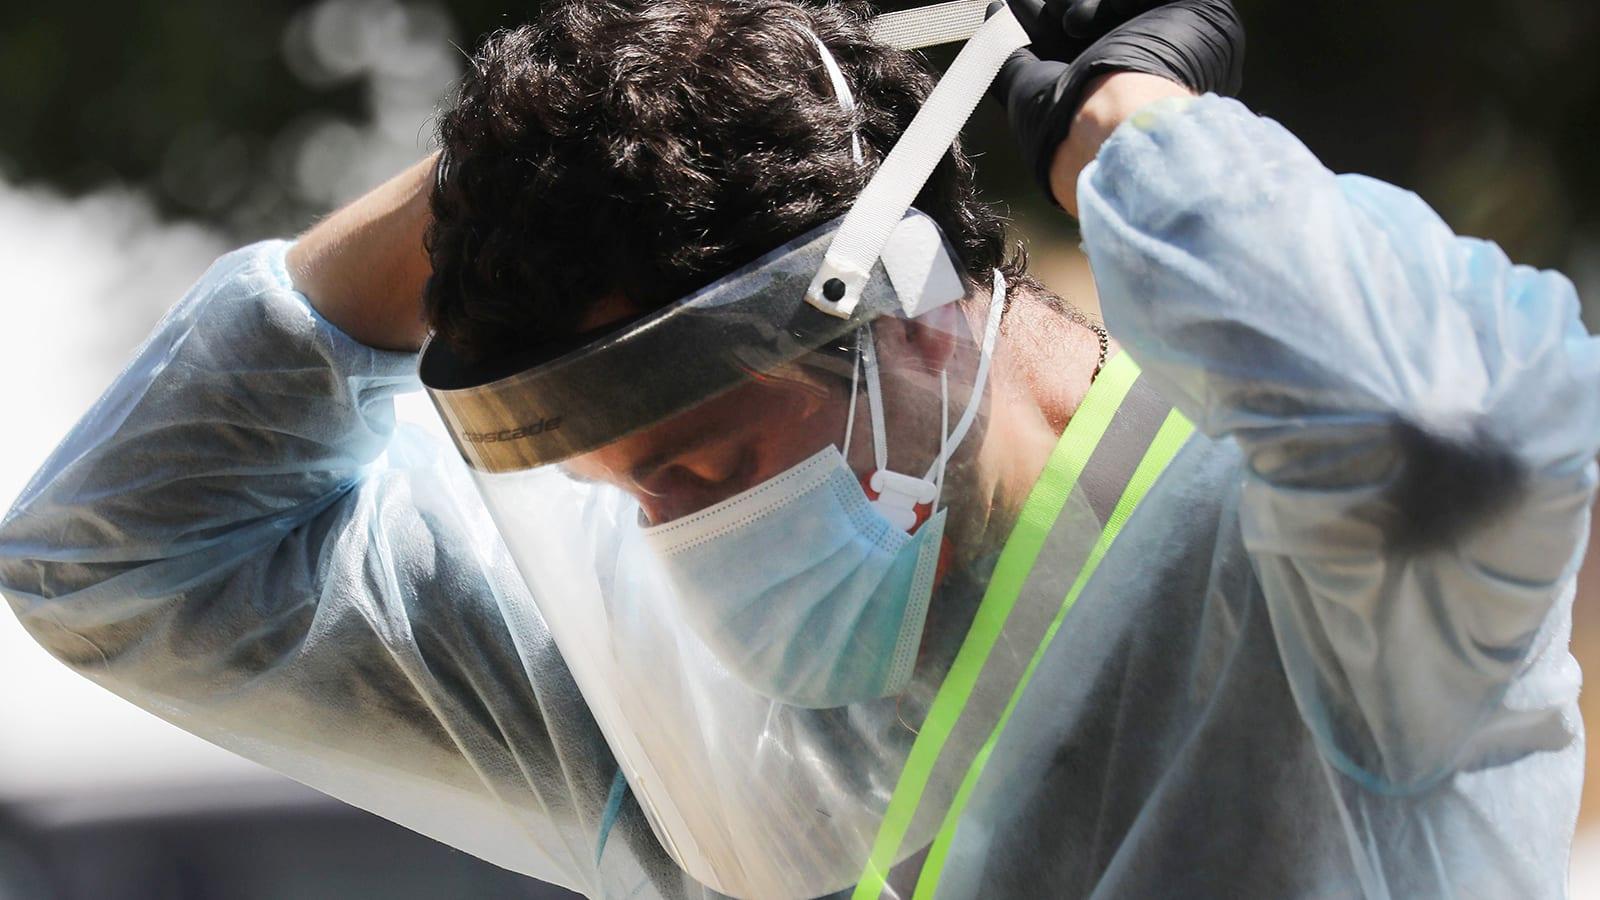 هكذا تتكيف المستشفيات مع نقص المعدات في ظل النضال ضد كورونا